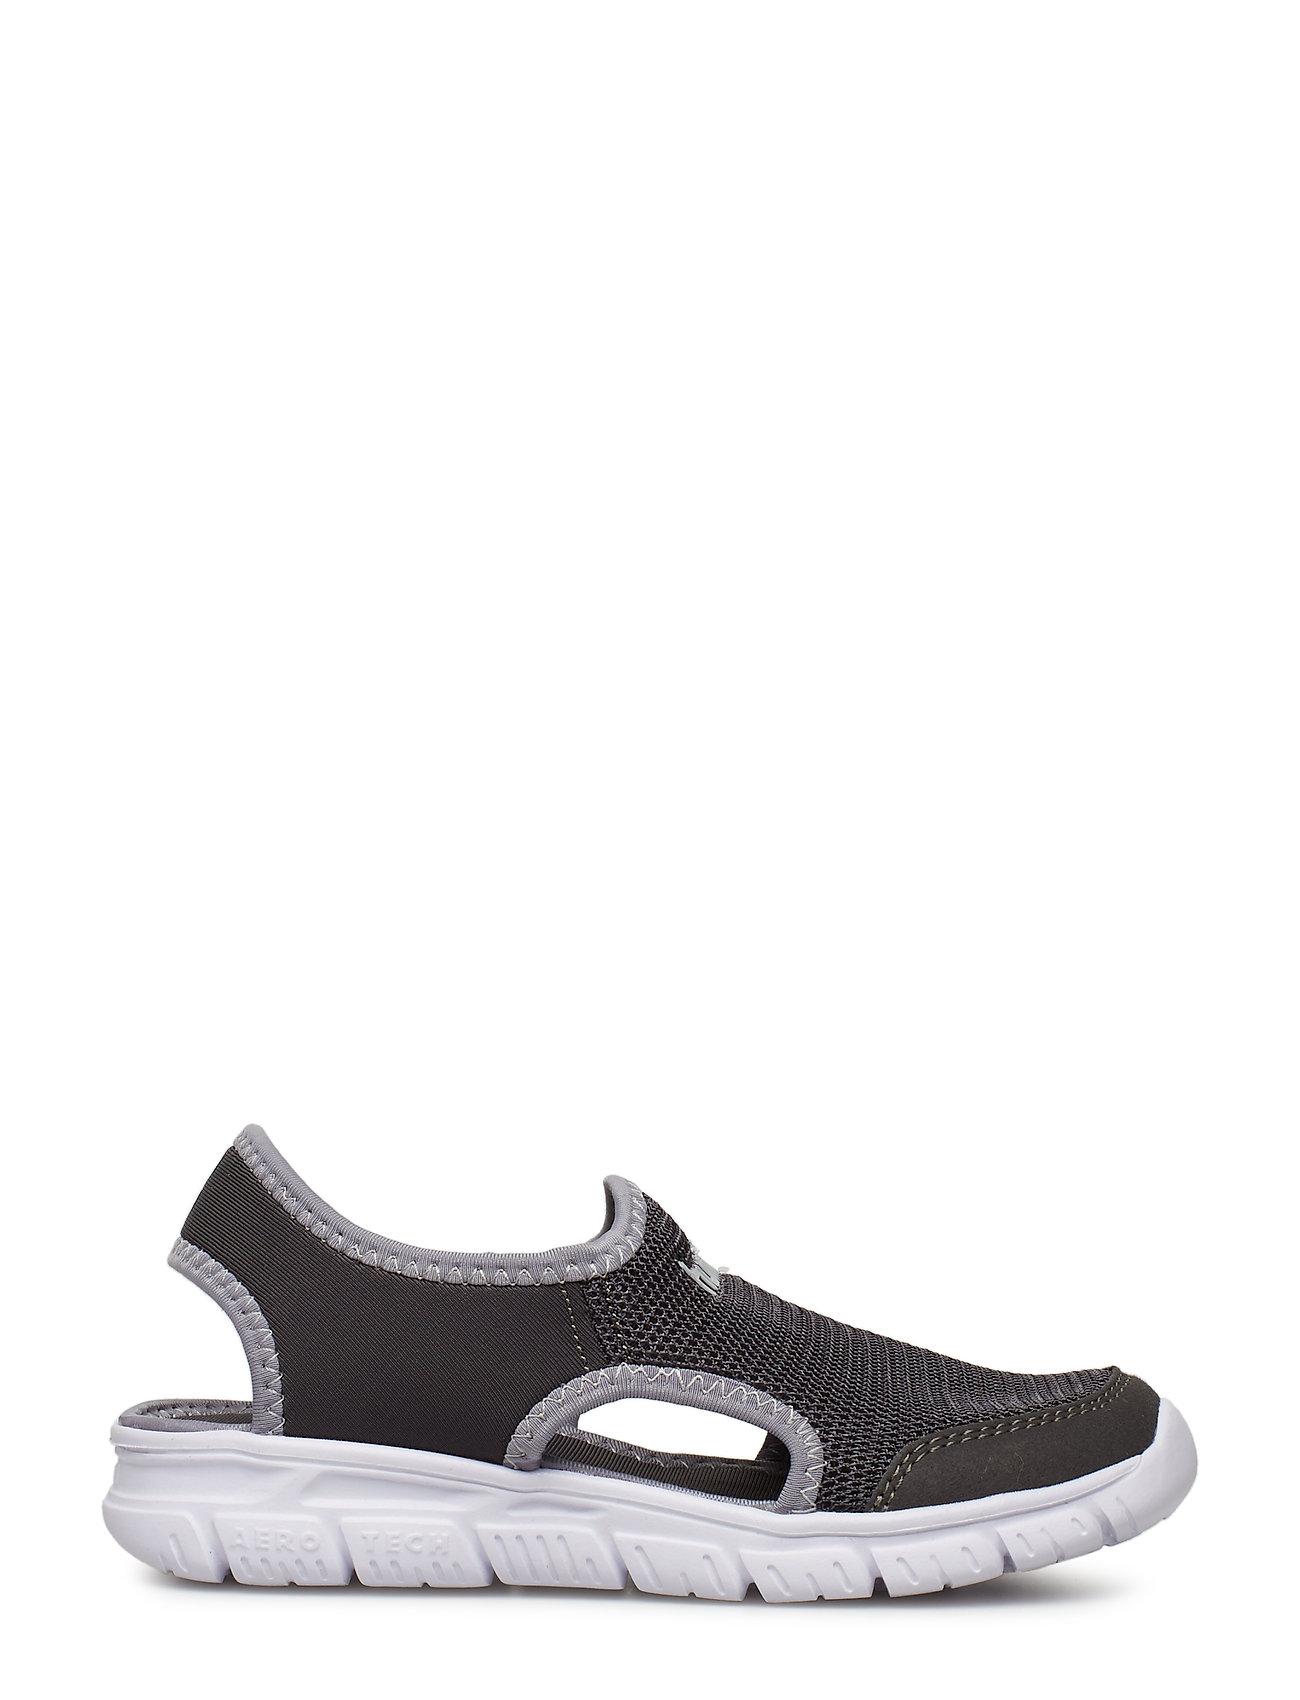 82cf08a11628 Playa Crosslite Jr sandaler fra Hummel til børn i ASPHALT - Pashion.dk